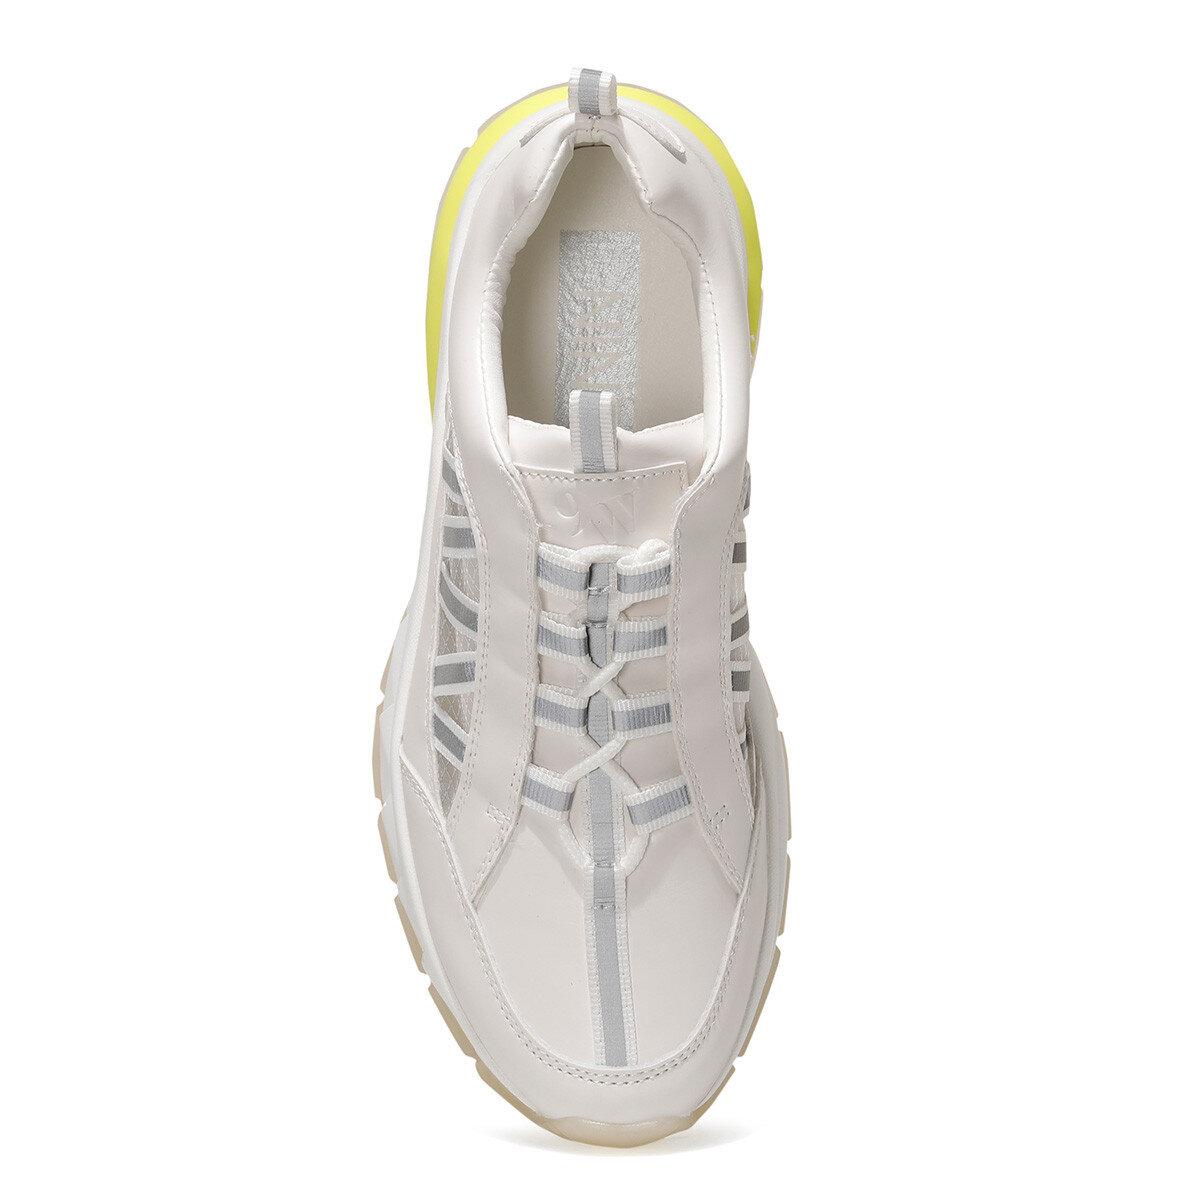 REONA Beyaz Kadın Sneaker Ayakkabı